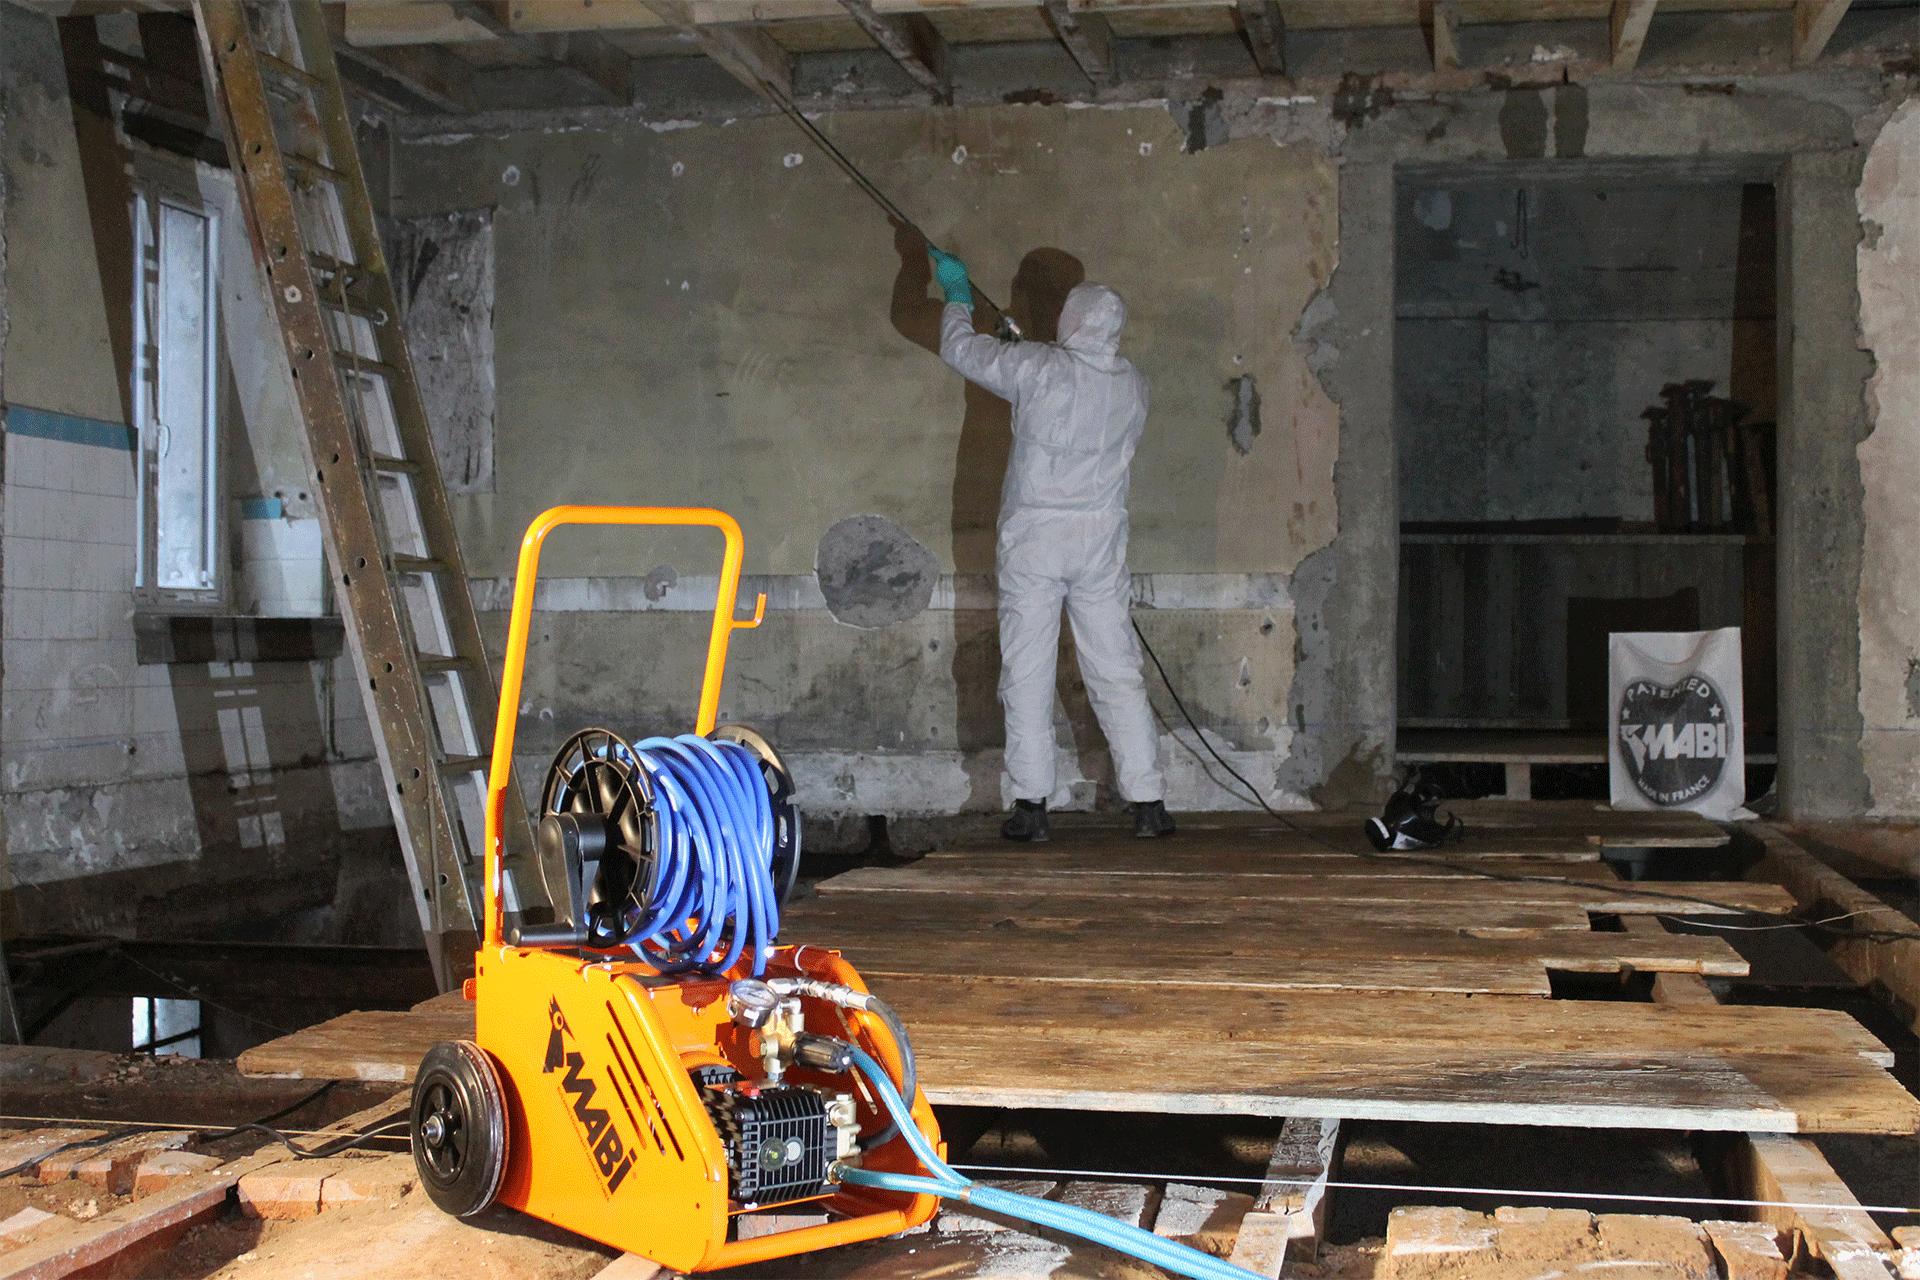 pompe de traitement pour les charpentes infestés de termites